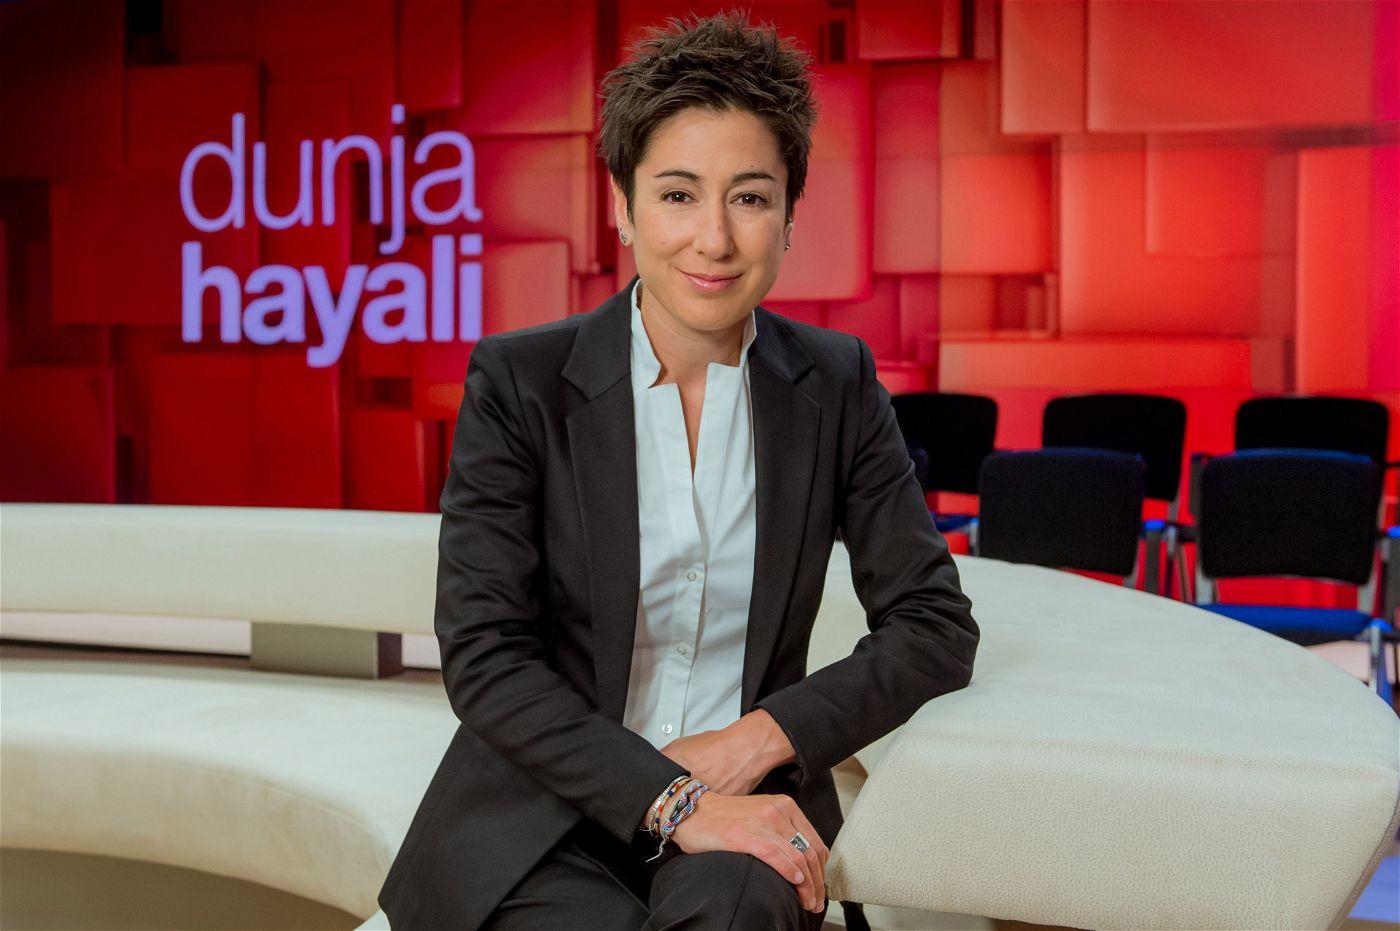 Die Talkshow von Dunja Hayali wird im Sommer ausgestrahlt.